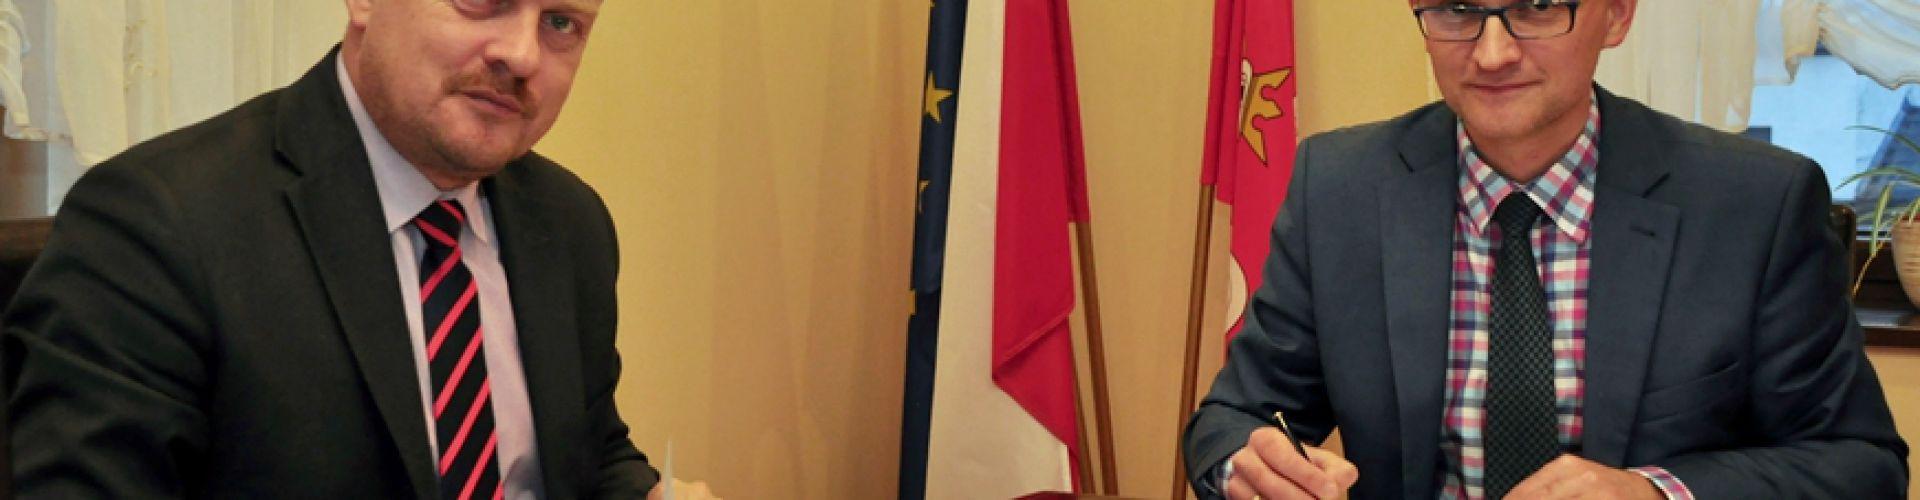 Z prezydentem Sosnowca Arkadiuszem Chęcińskim (fot. K. Kozieł)